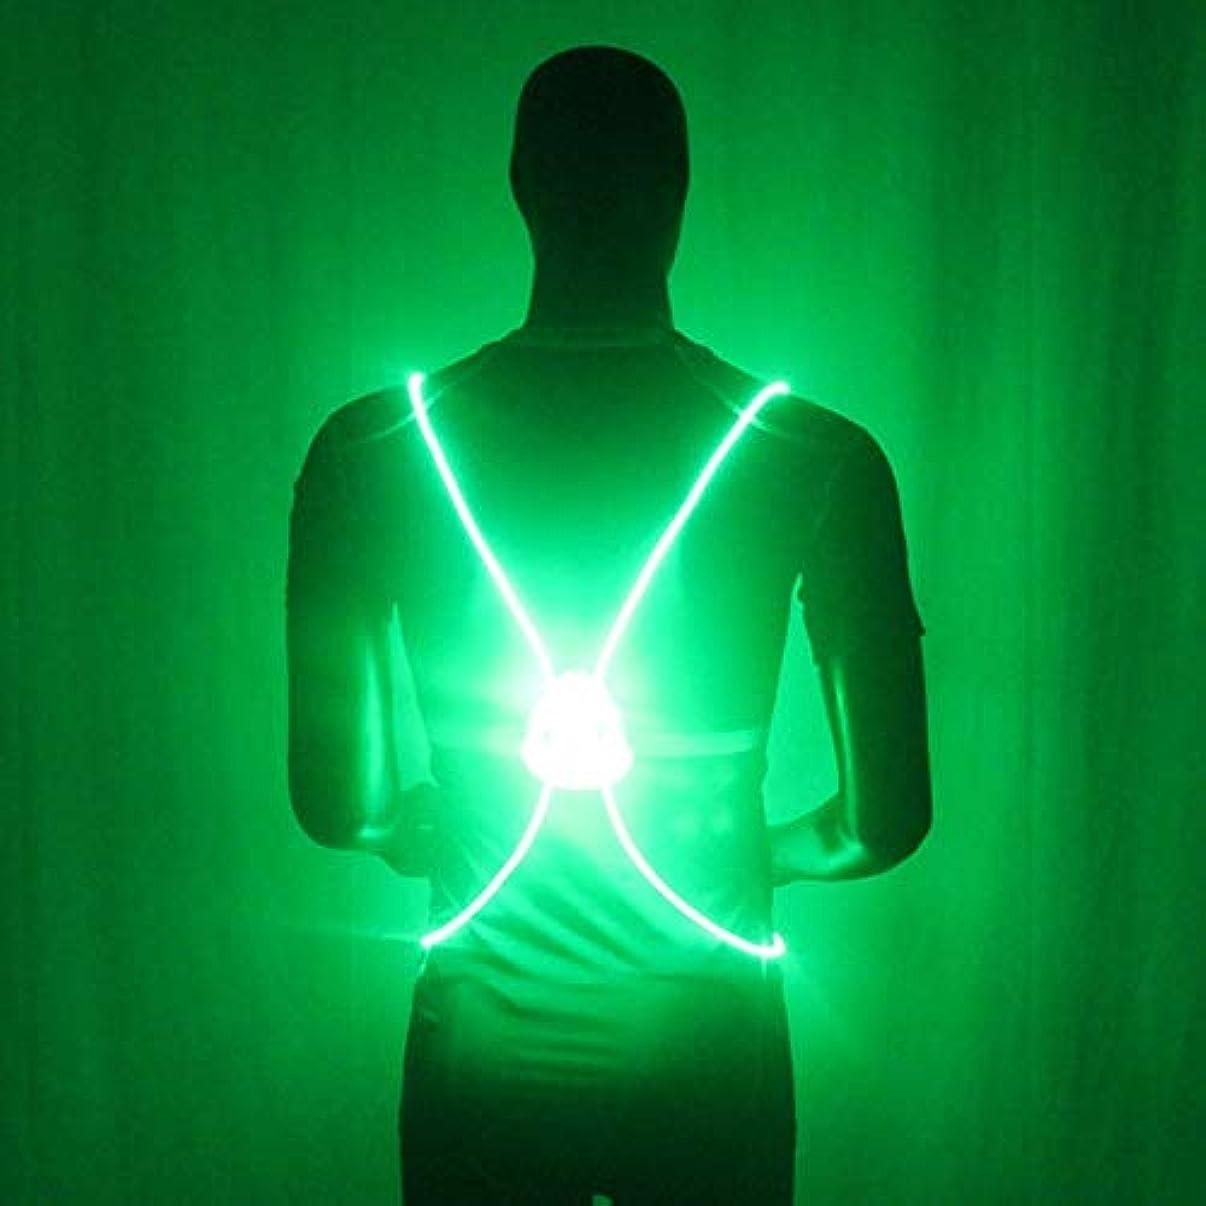 配管暖炉罰Profeel LED反射ベスト、LEDランニングベスト&ベルト、LED照明安全ベストベルトジャケット、安全ベルトストラップナイトランニングサイクリンググロー